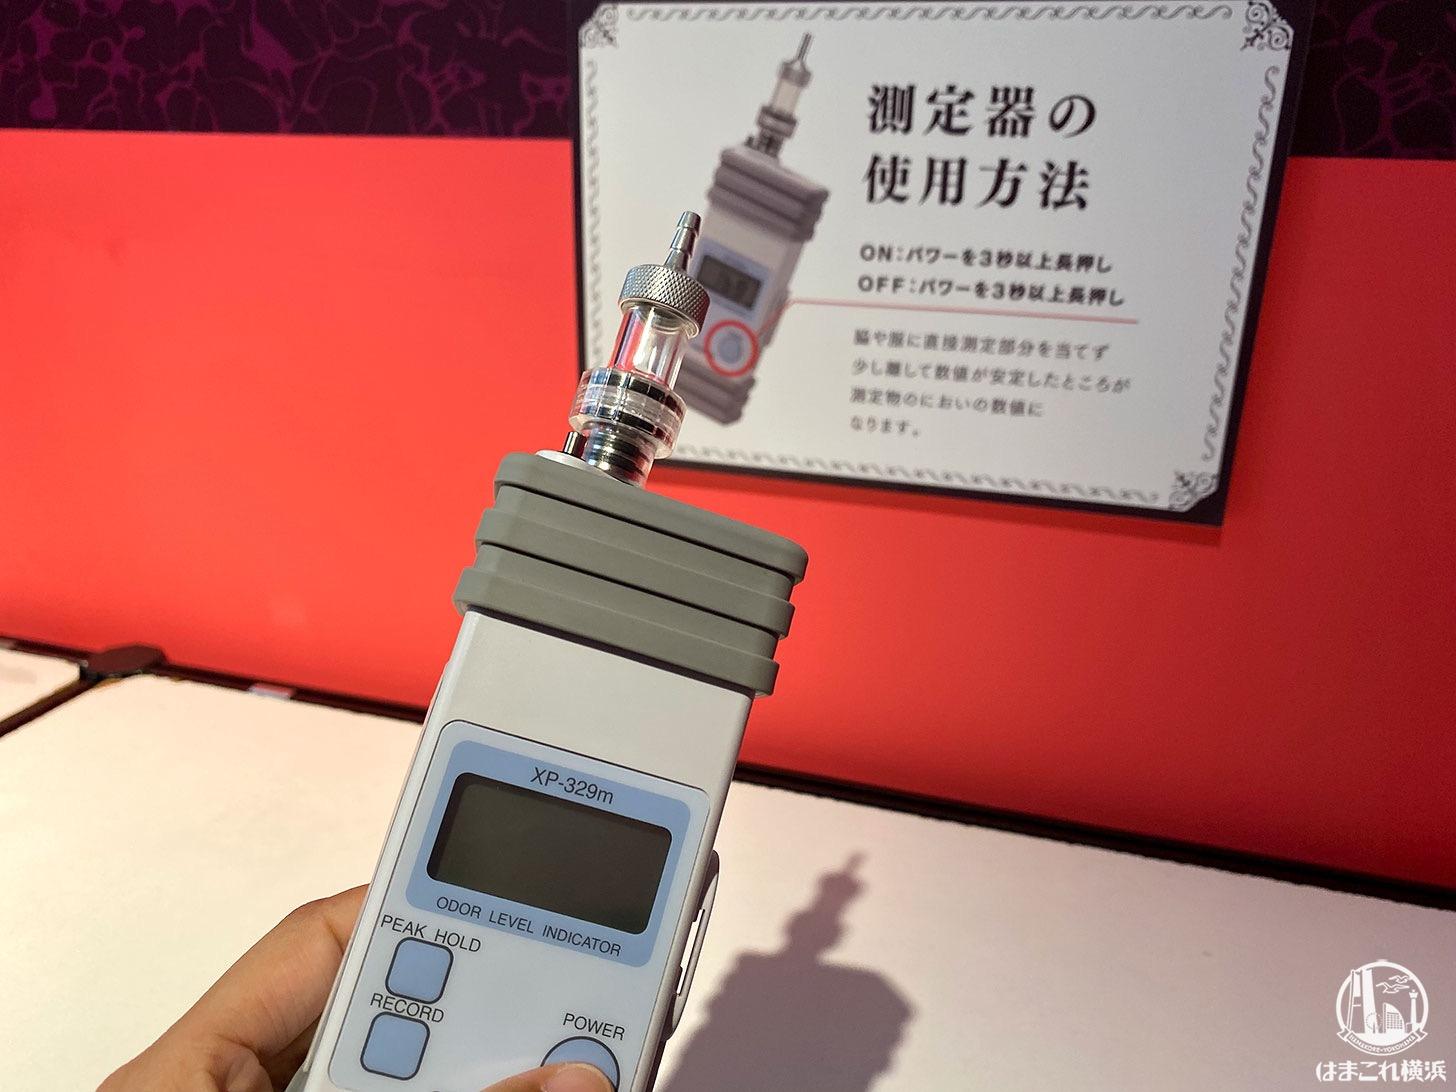 臭いを測定できる機械